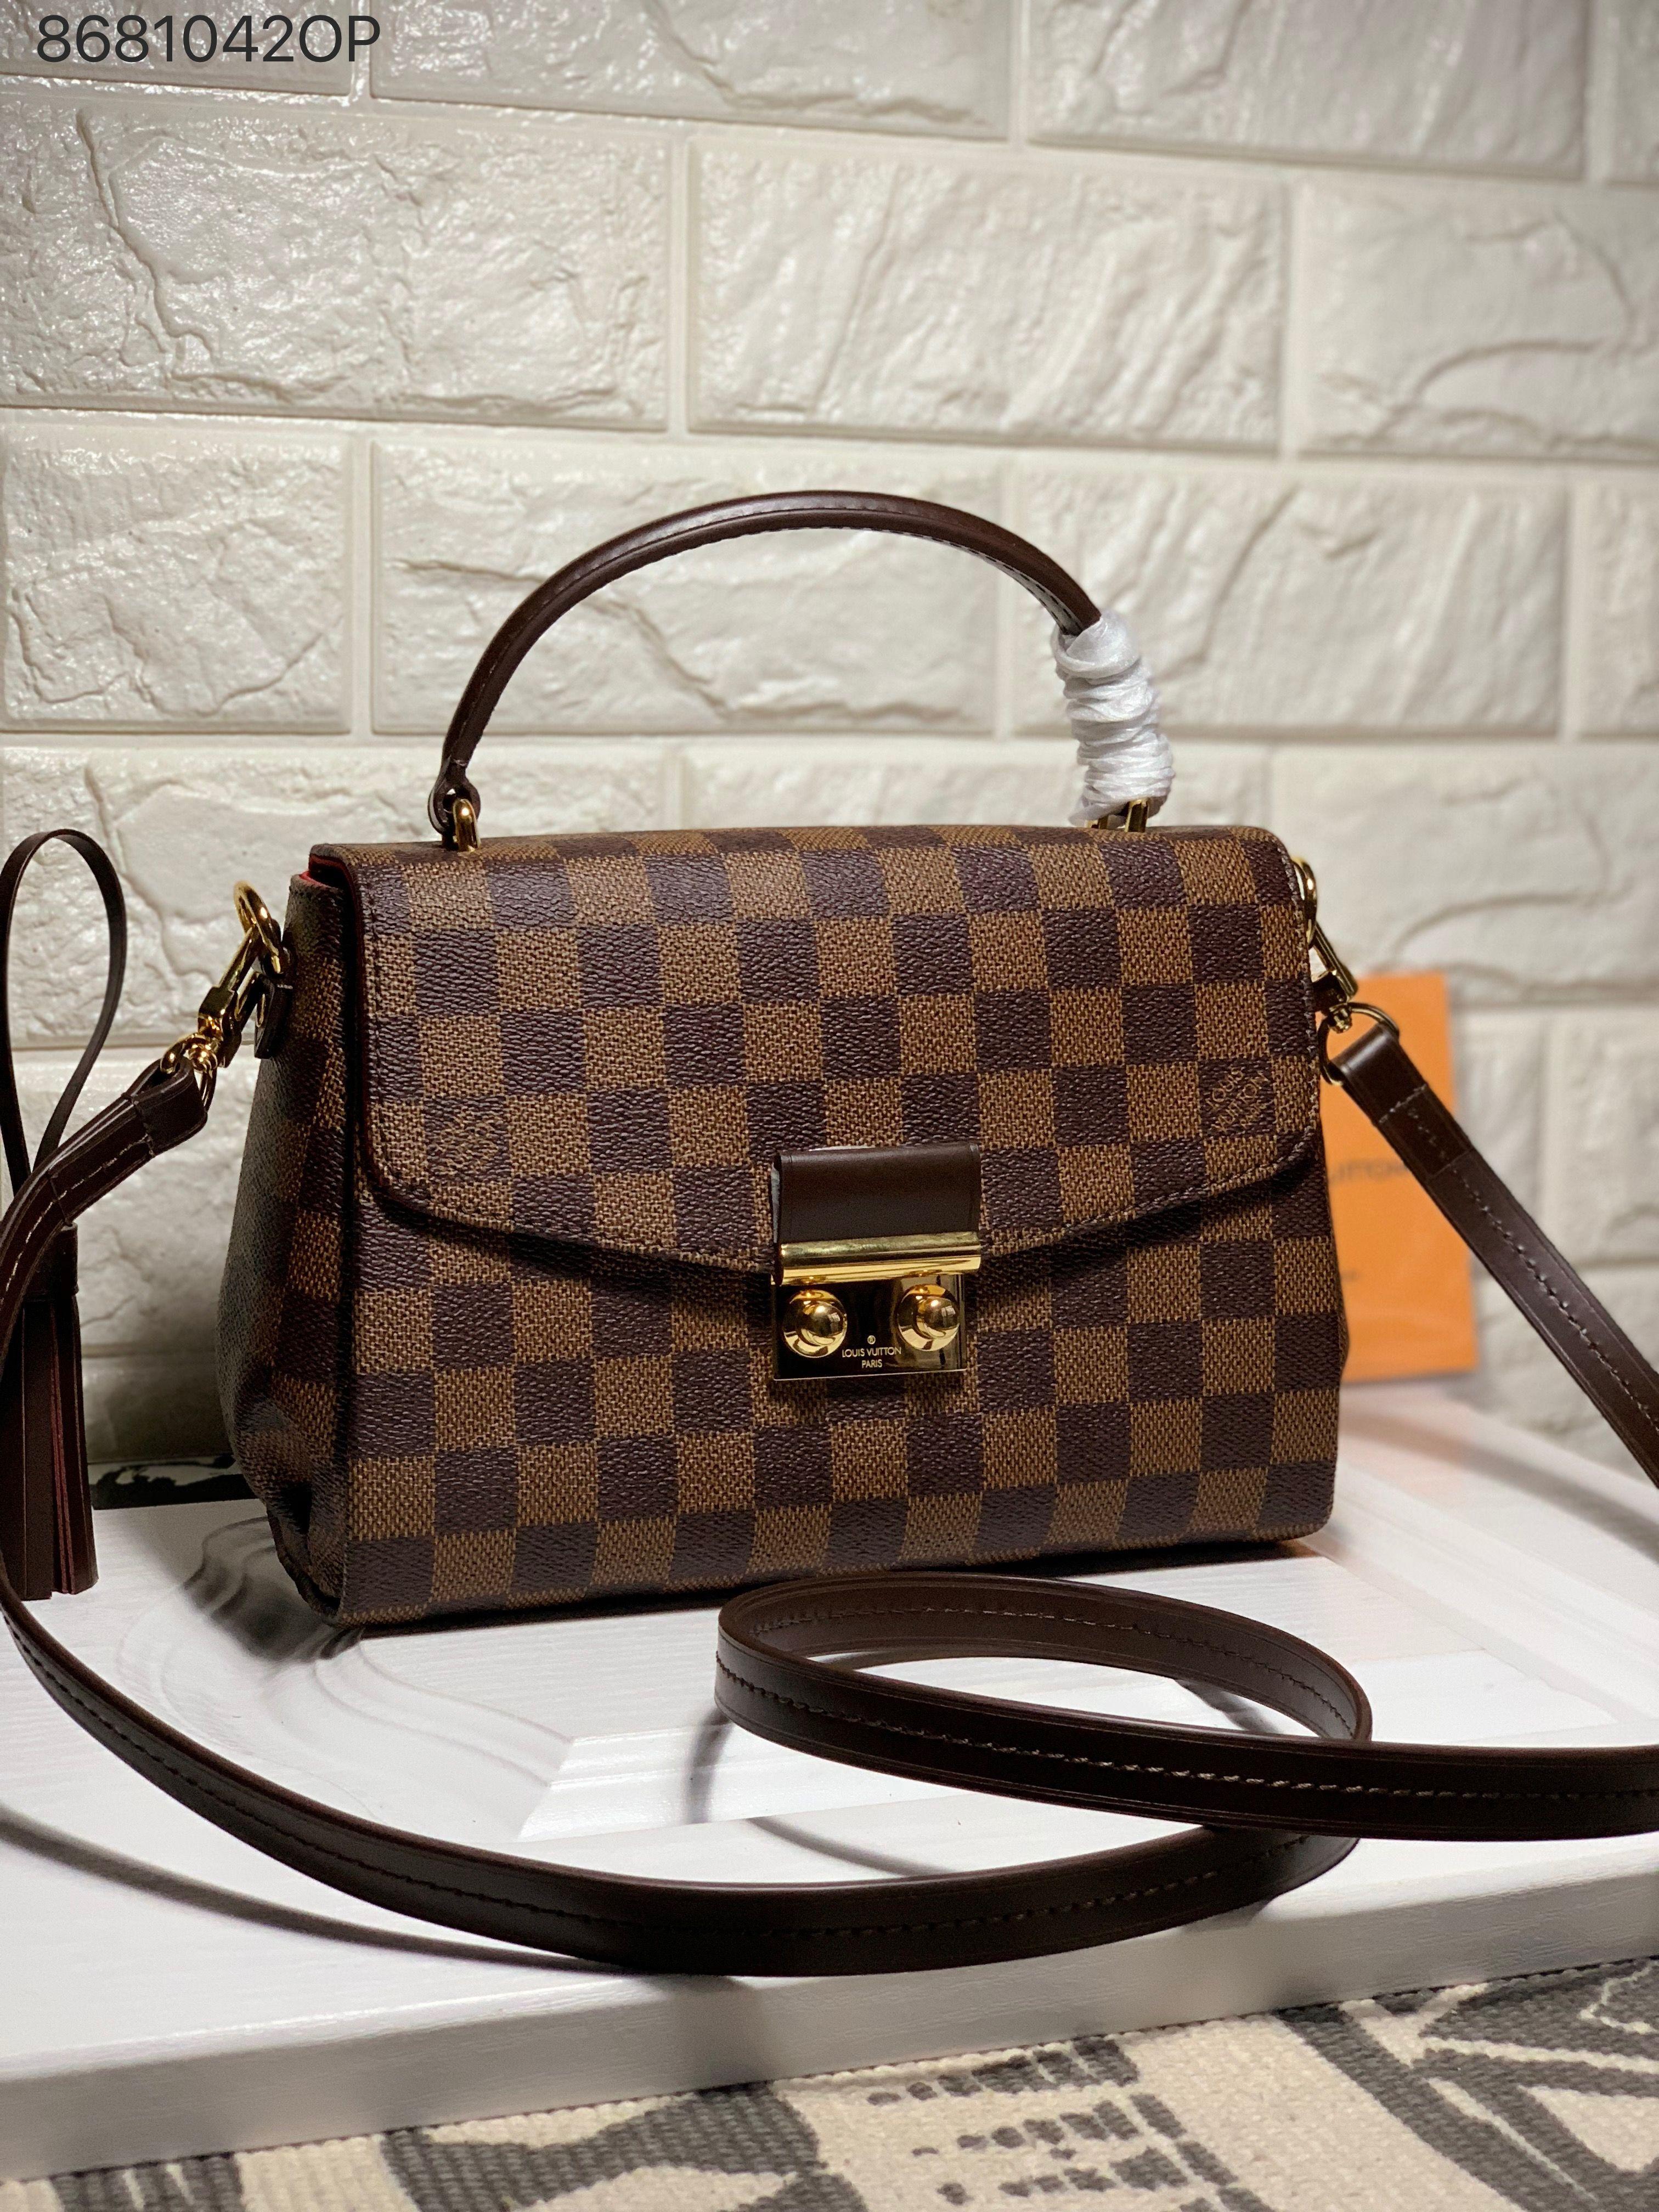 54eb163ce9 Louis Vuitton lv woman croisette cross body shoulder bag damier ...